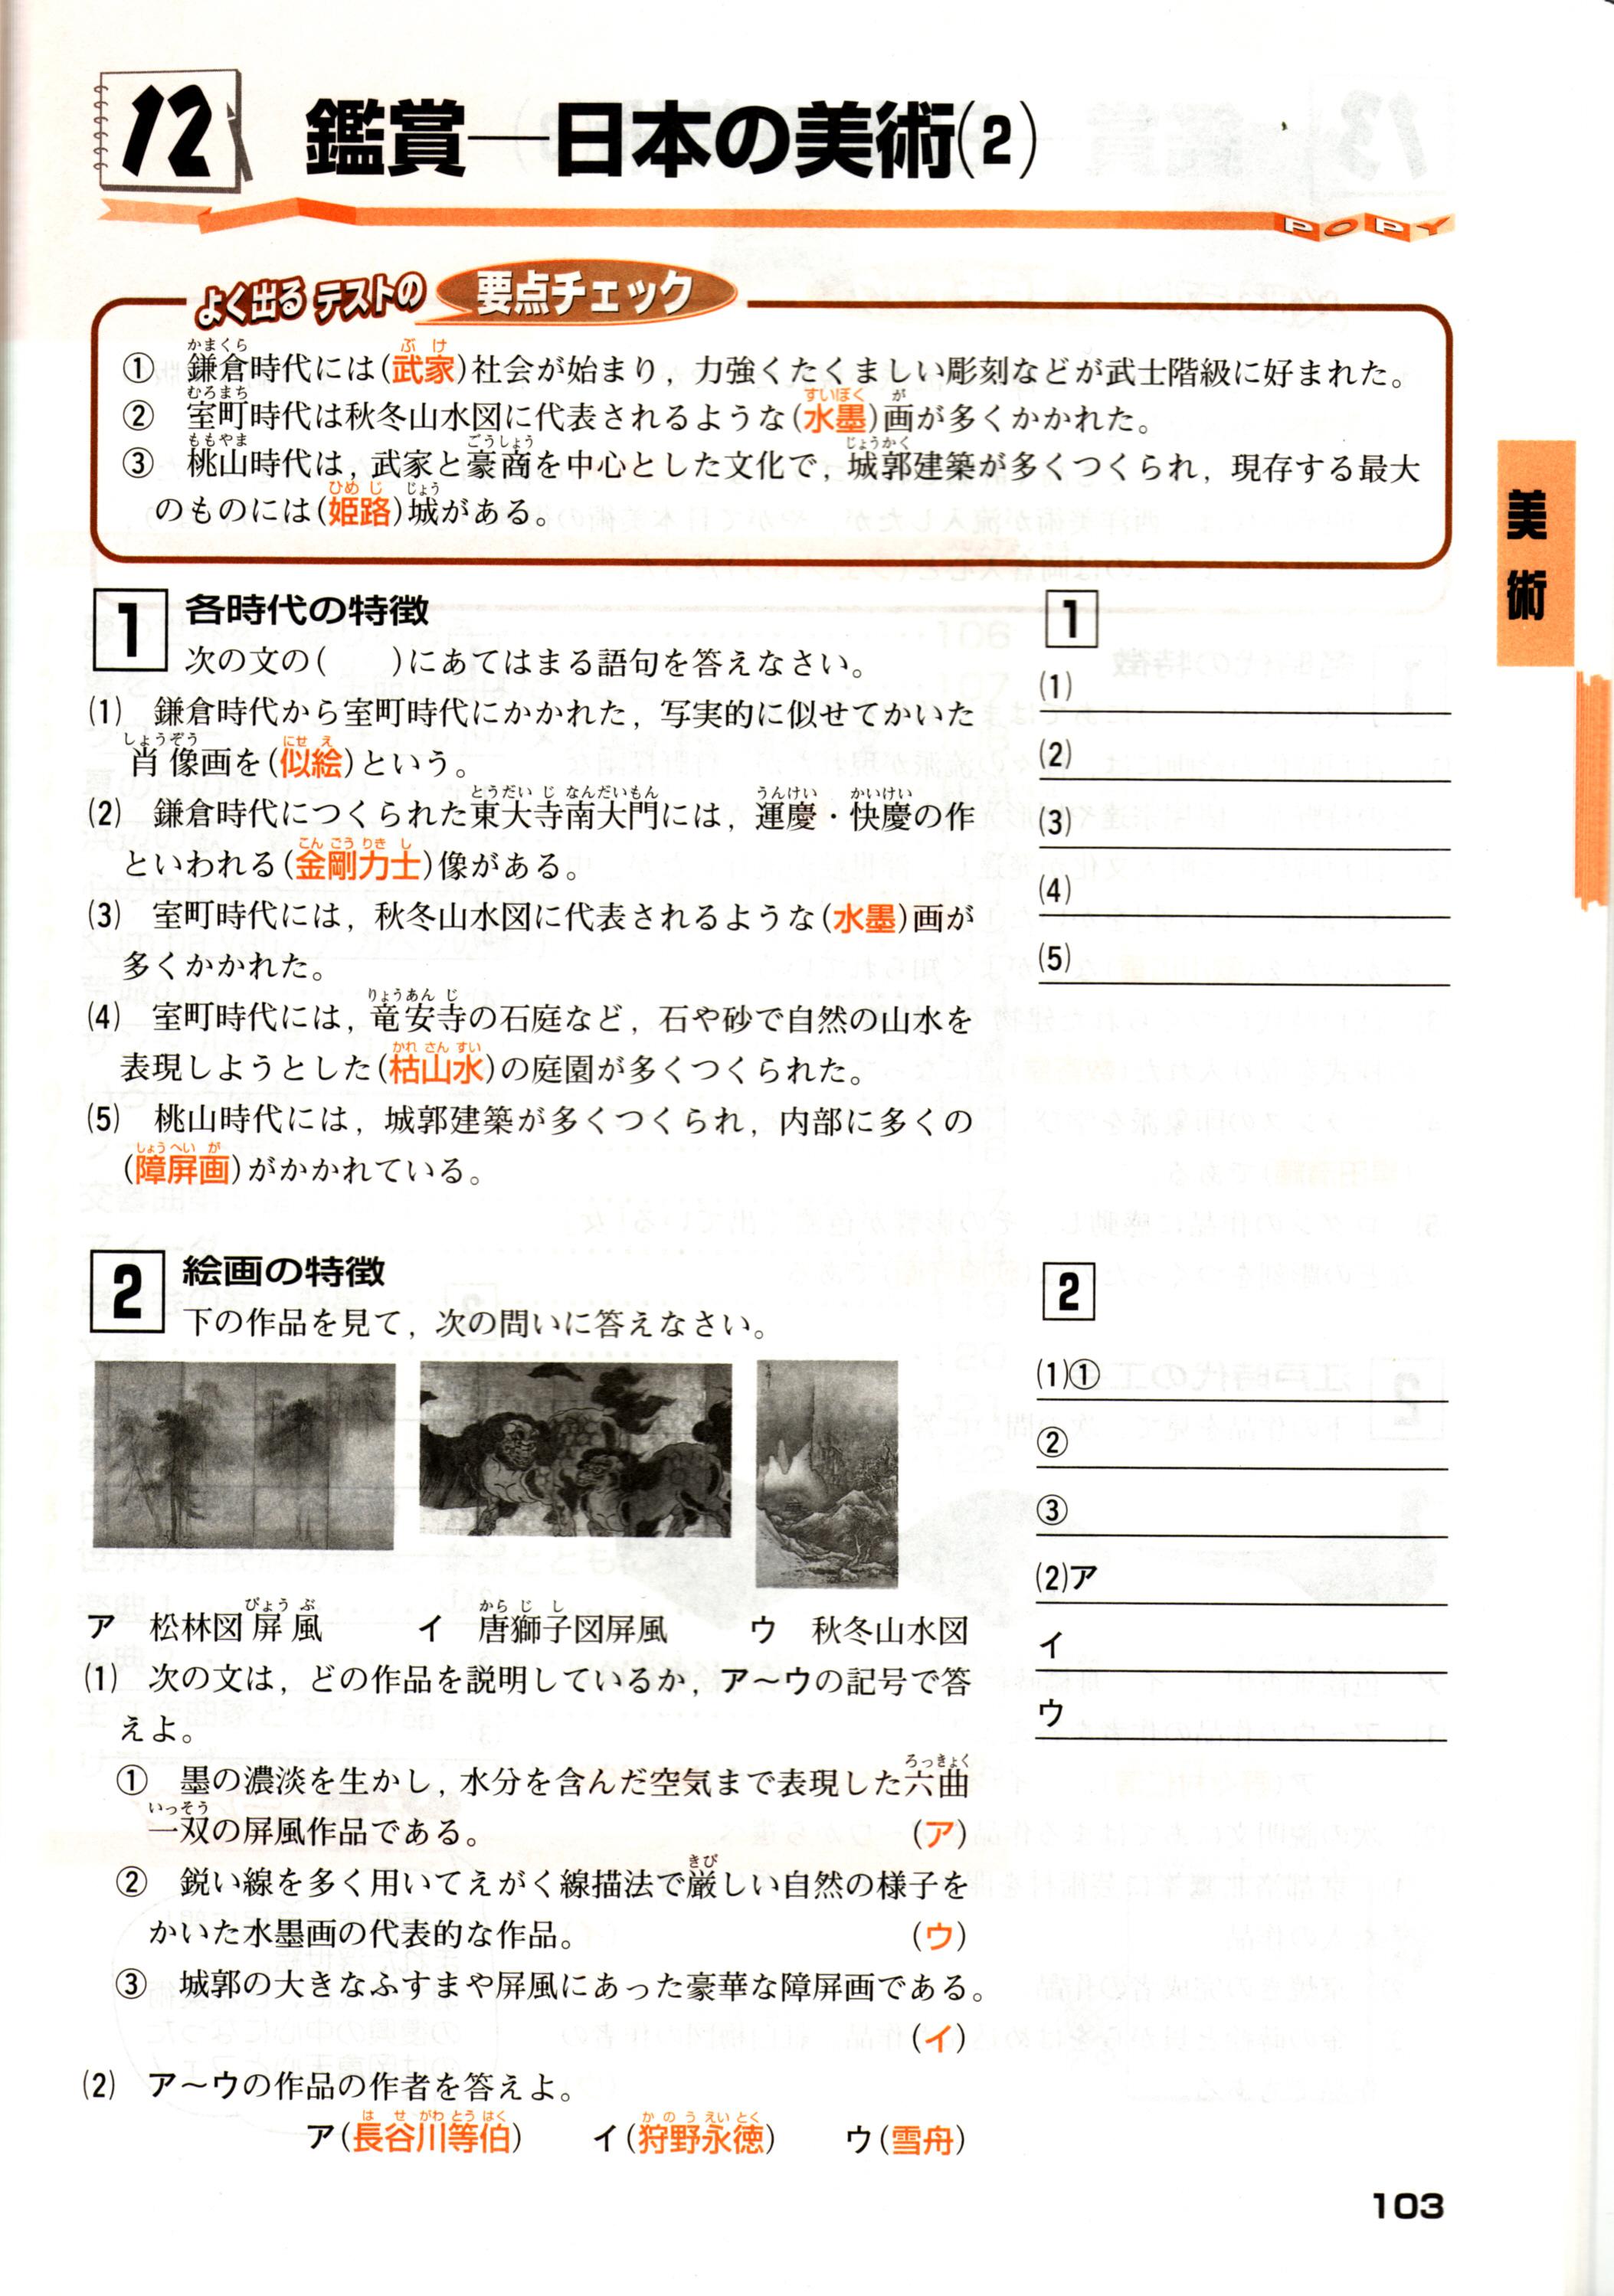 中2ポピー実技内容(美術)